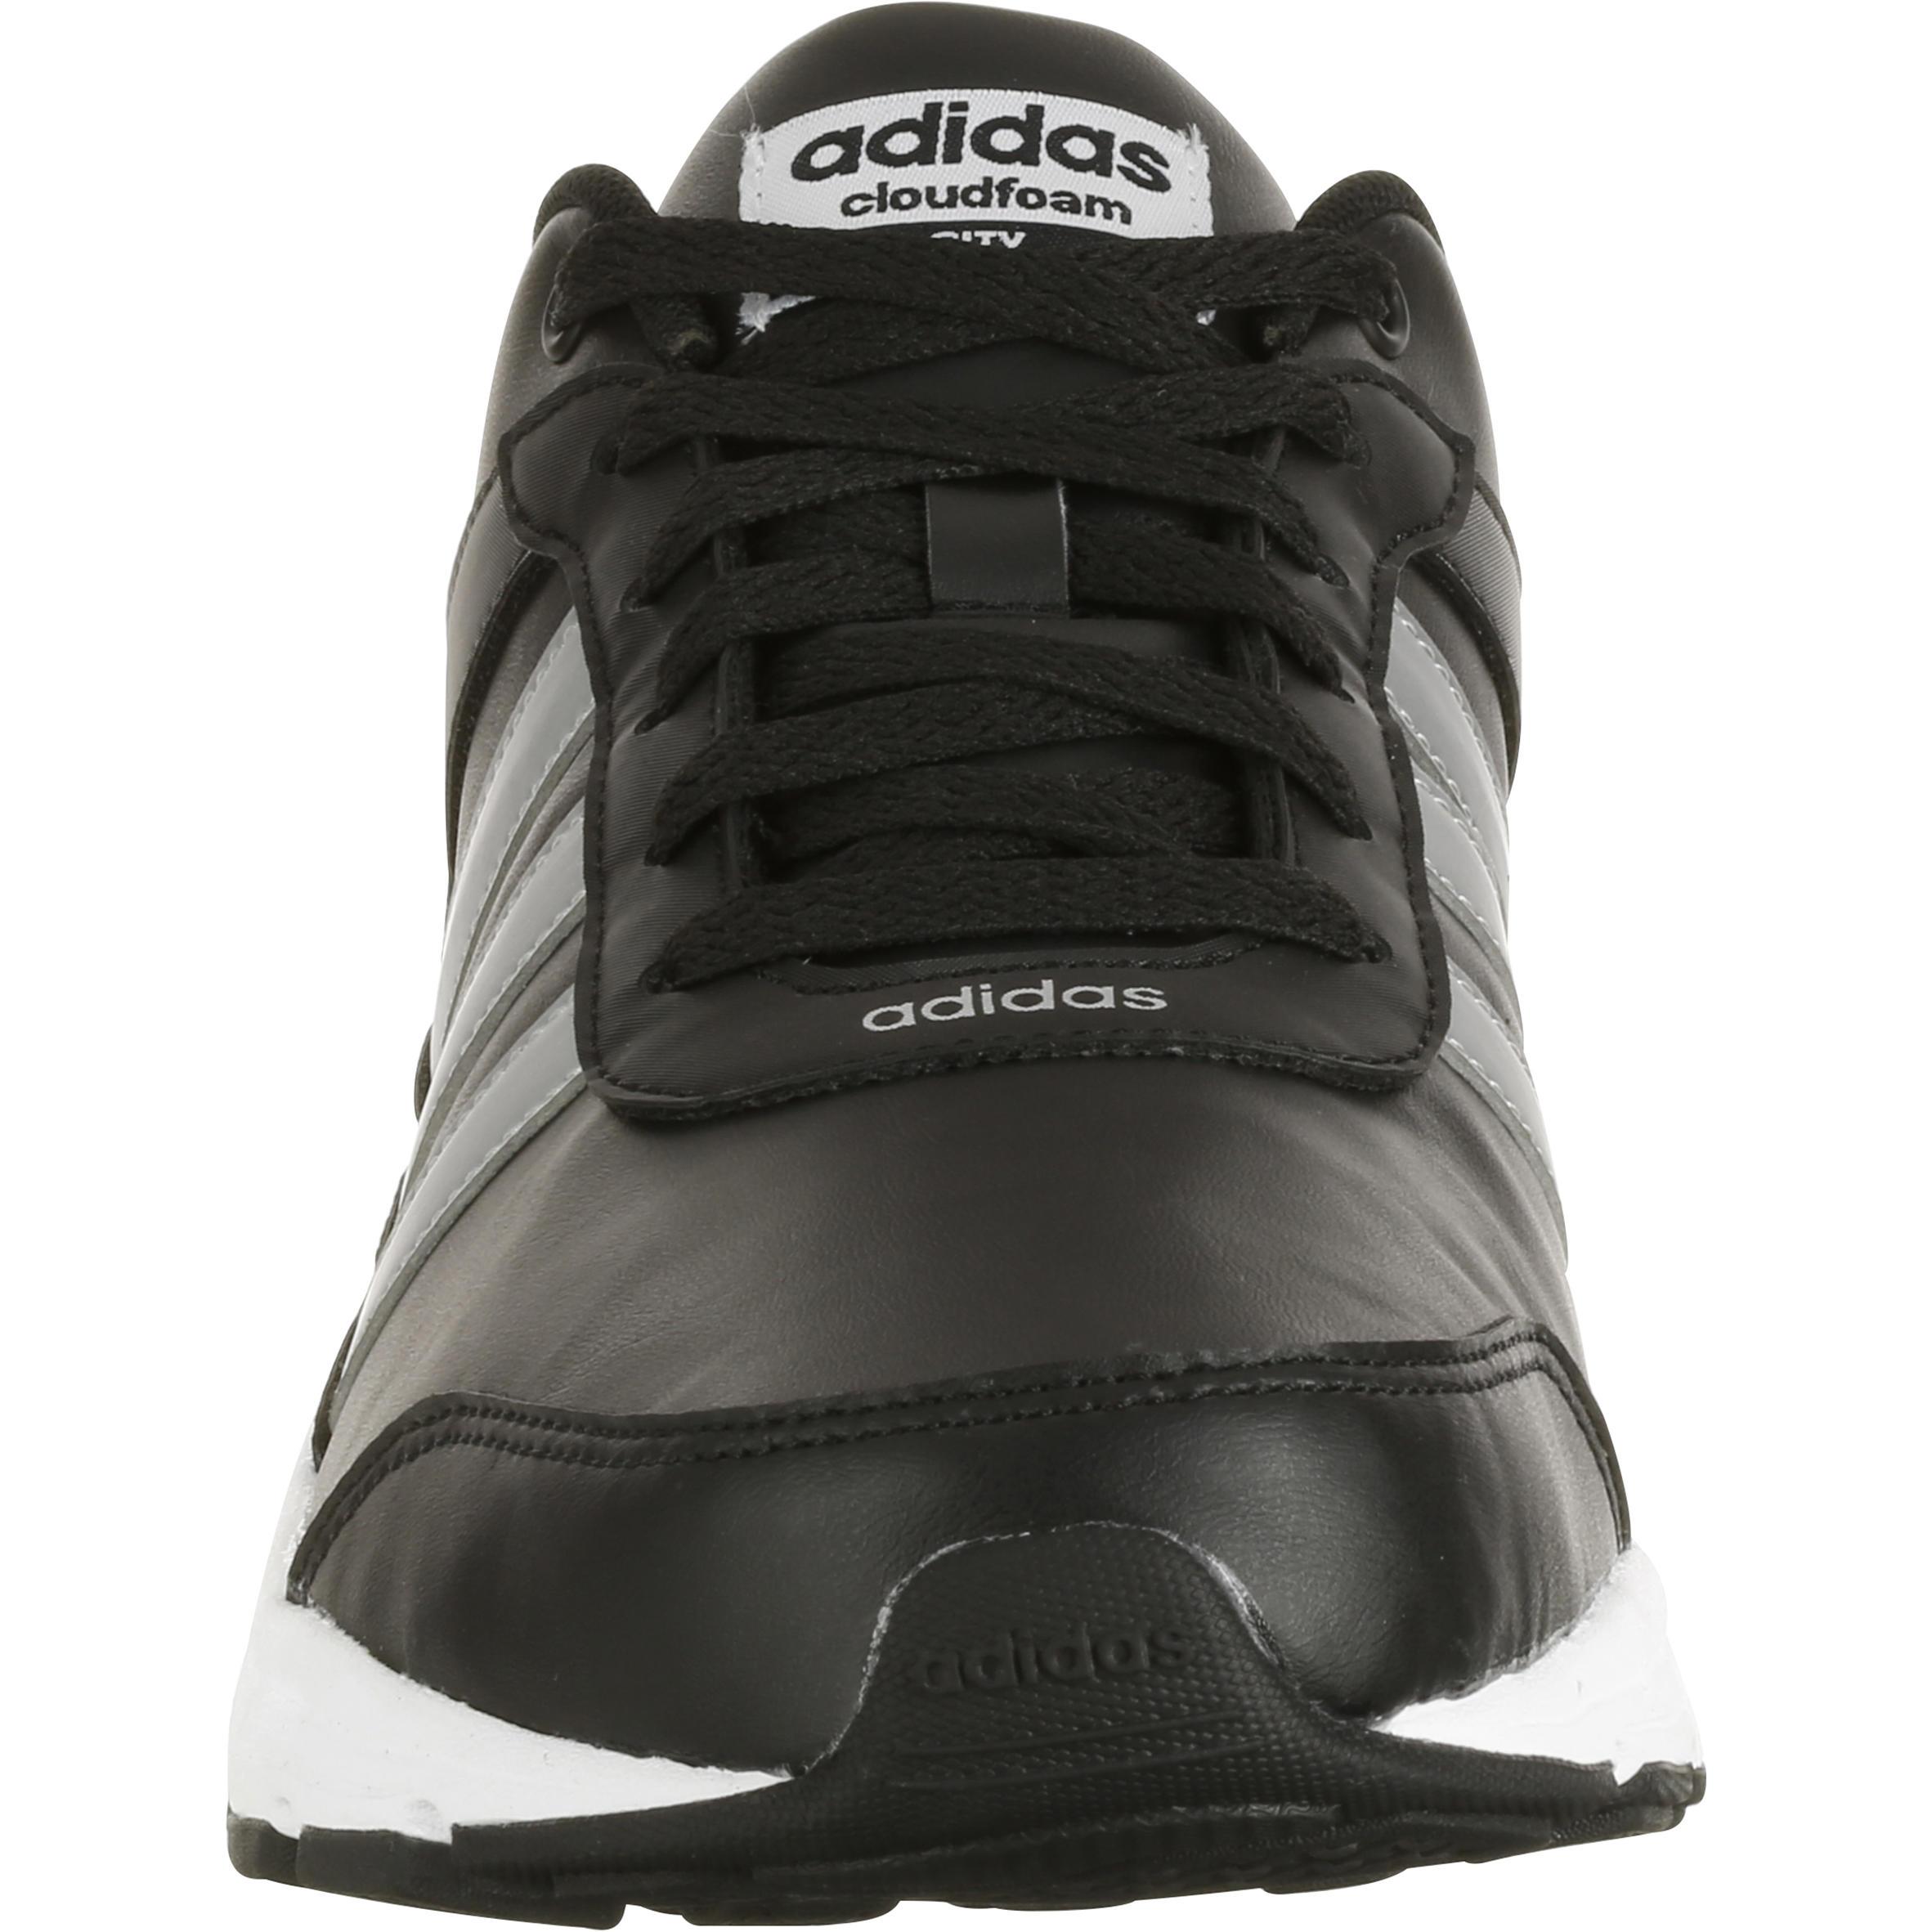 Noir Homme Sportive City Chaussures Marche Cloudfoam cLR4j35qA